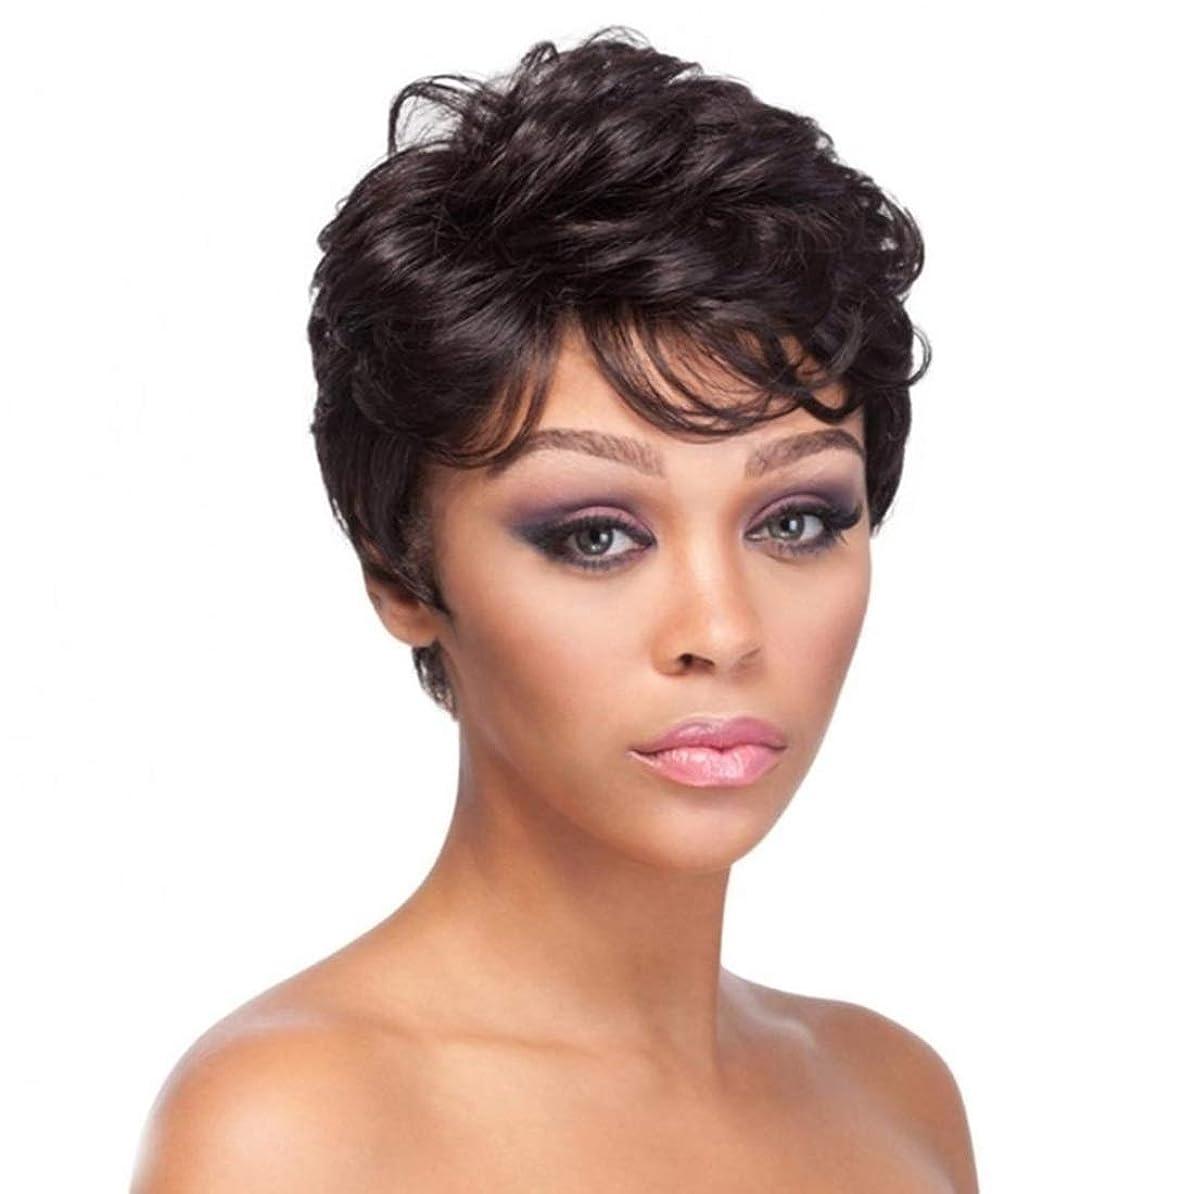 曖昧なウッズユーザーKoloeplf 女性のための短い巻き毛のかつら前髪合成繊維のかつらでかつらかつら